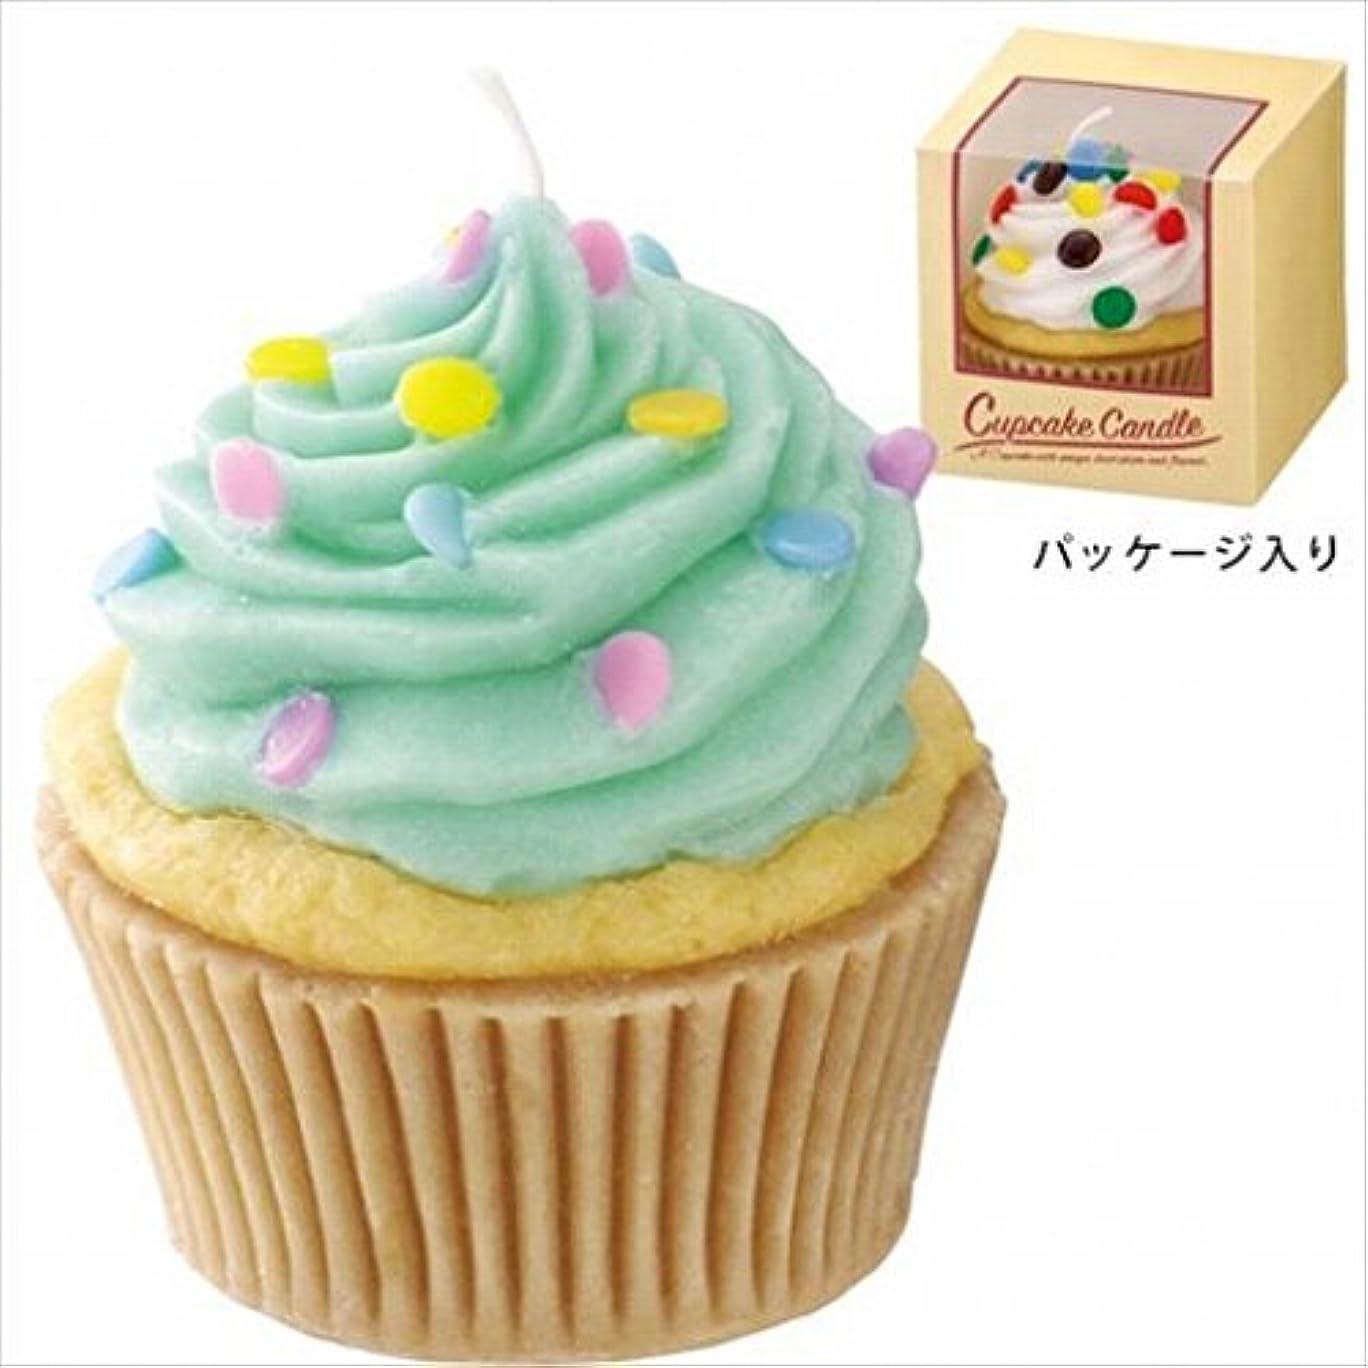 不純憂慮すべき選挙カメヤマキャンドル(kameyama candle) アメリカンカップケーキキャンドル 「 ミントクリーム 」